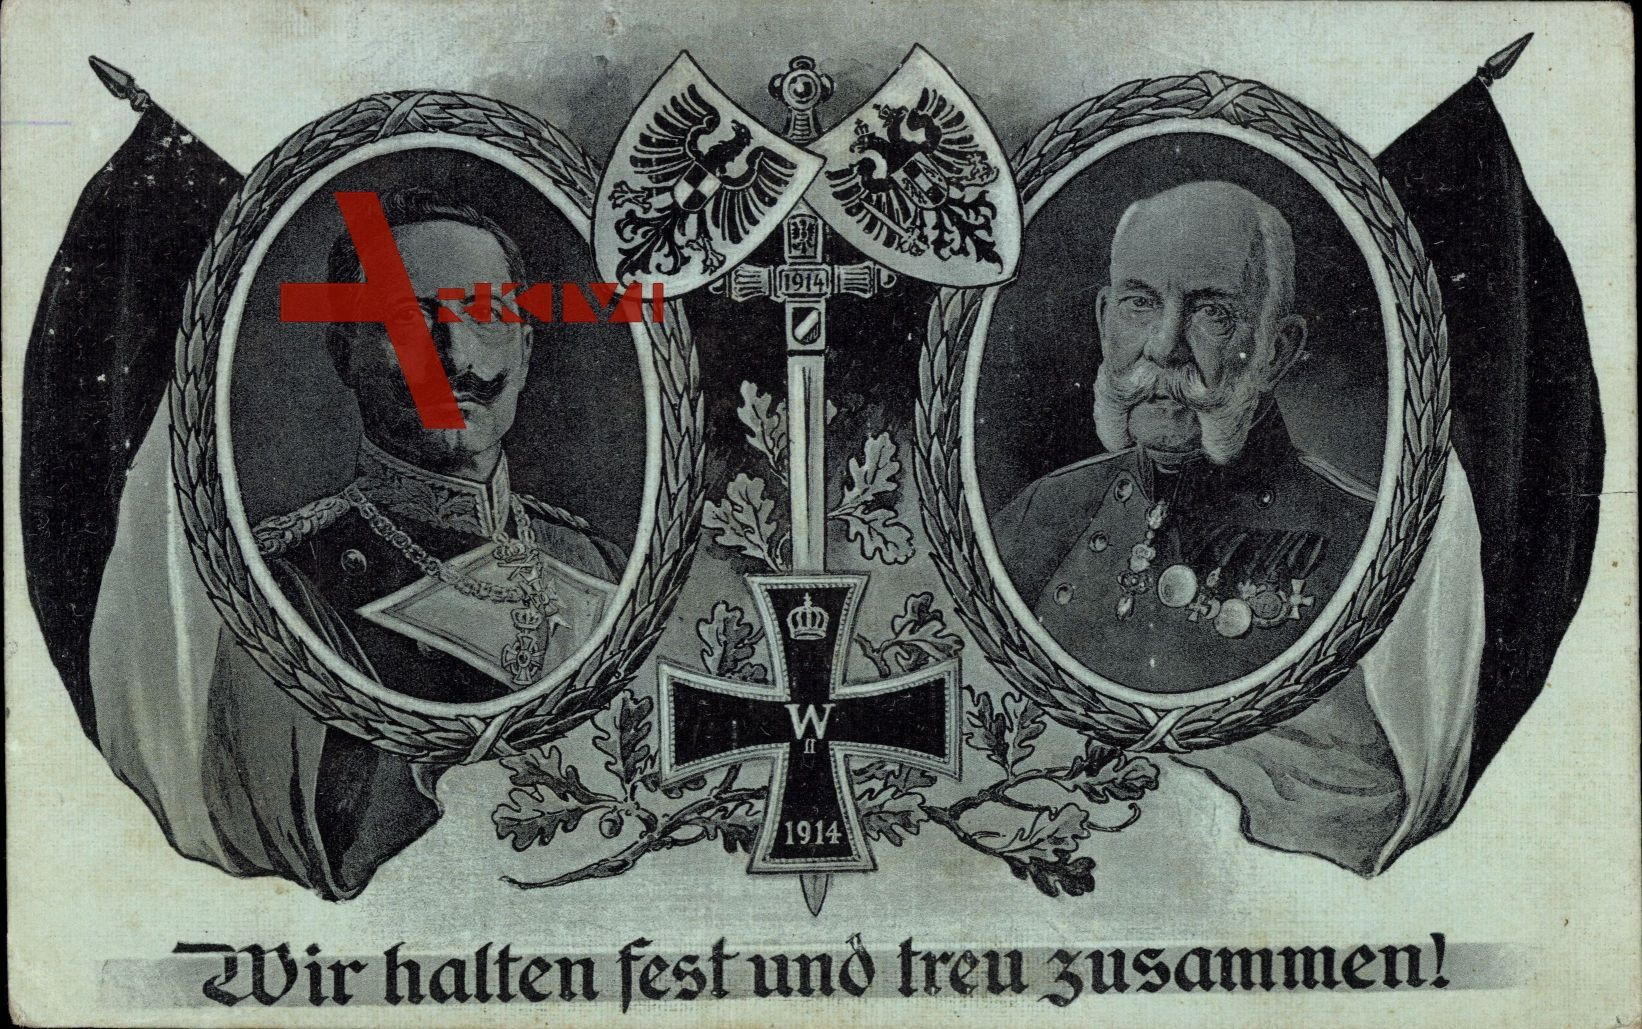 Wir halten fest und treu zusammen, Kaiser Wilhelm II., Franz Josef